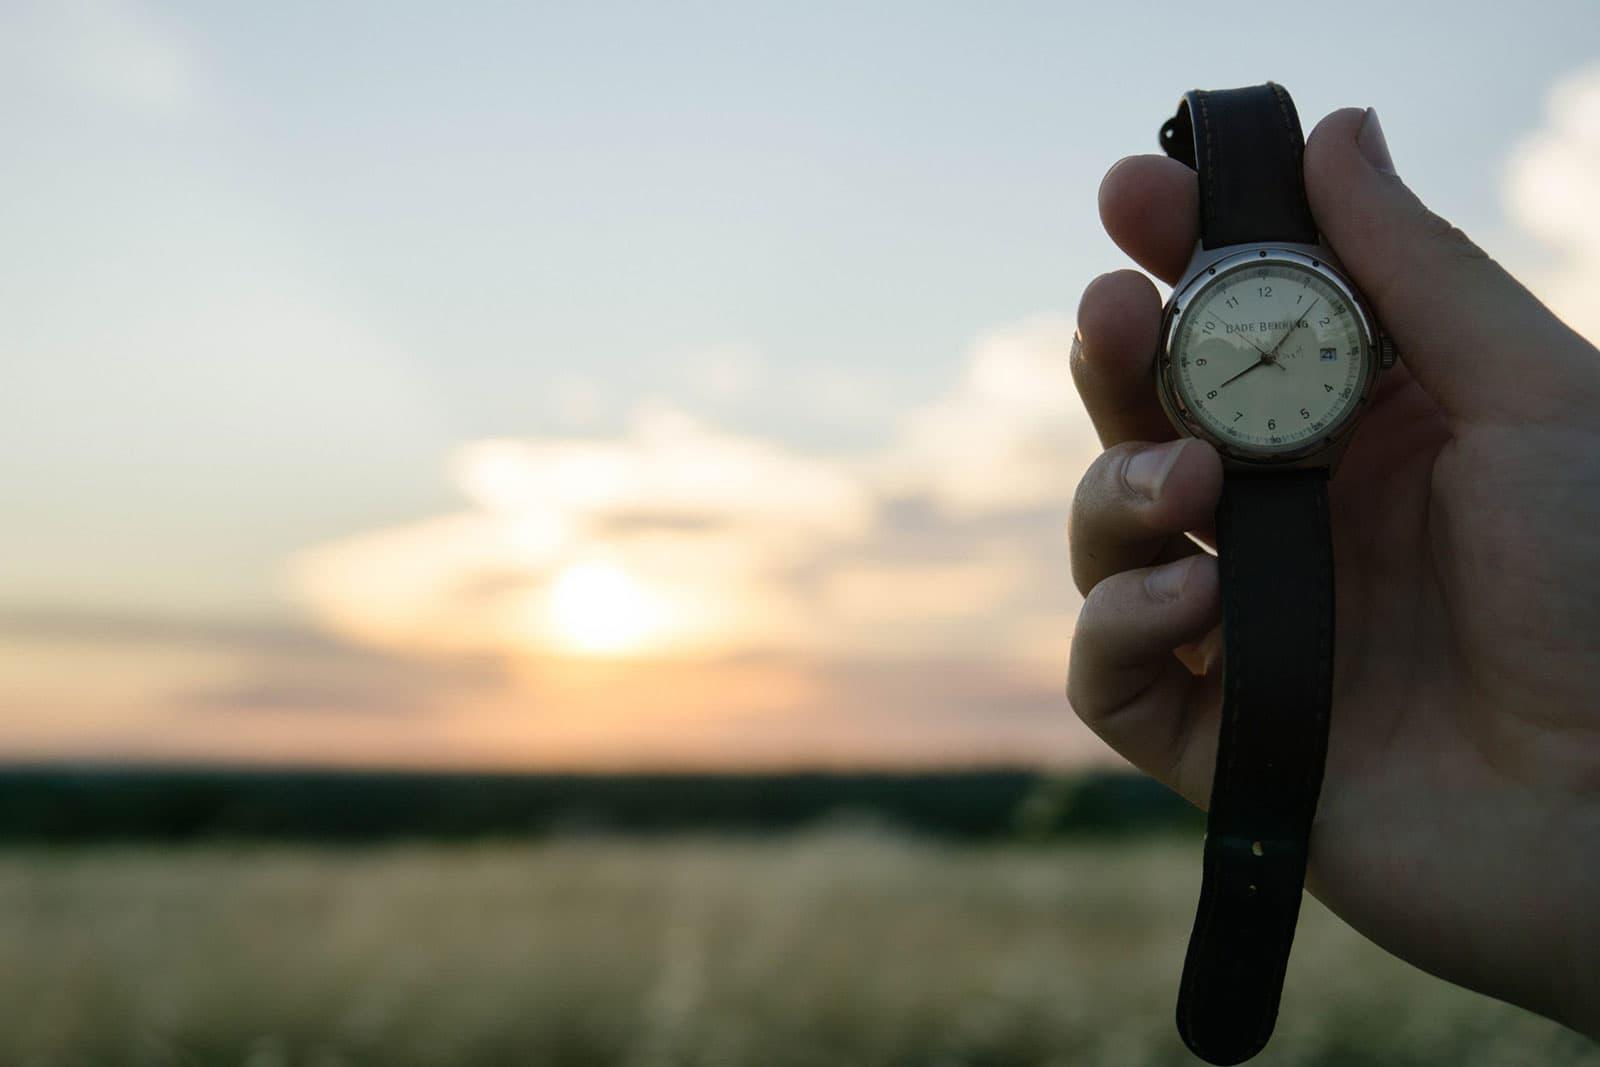 TimeBanks – USA